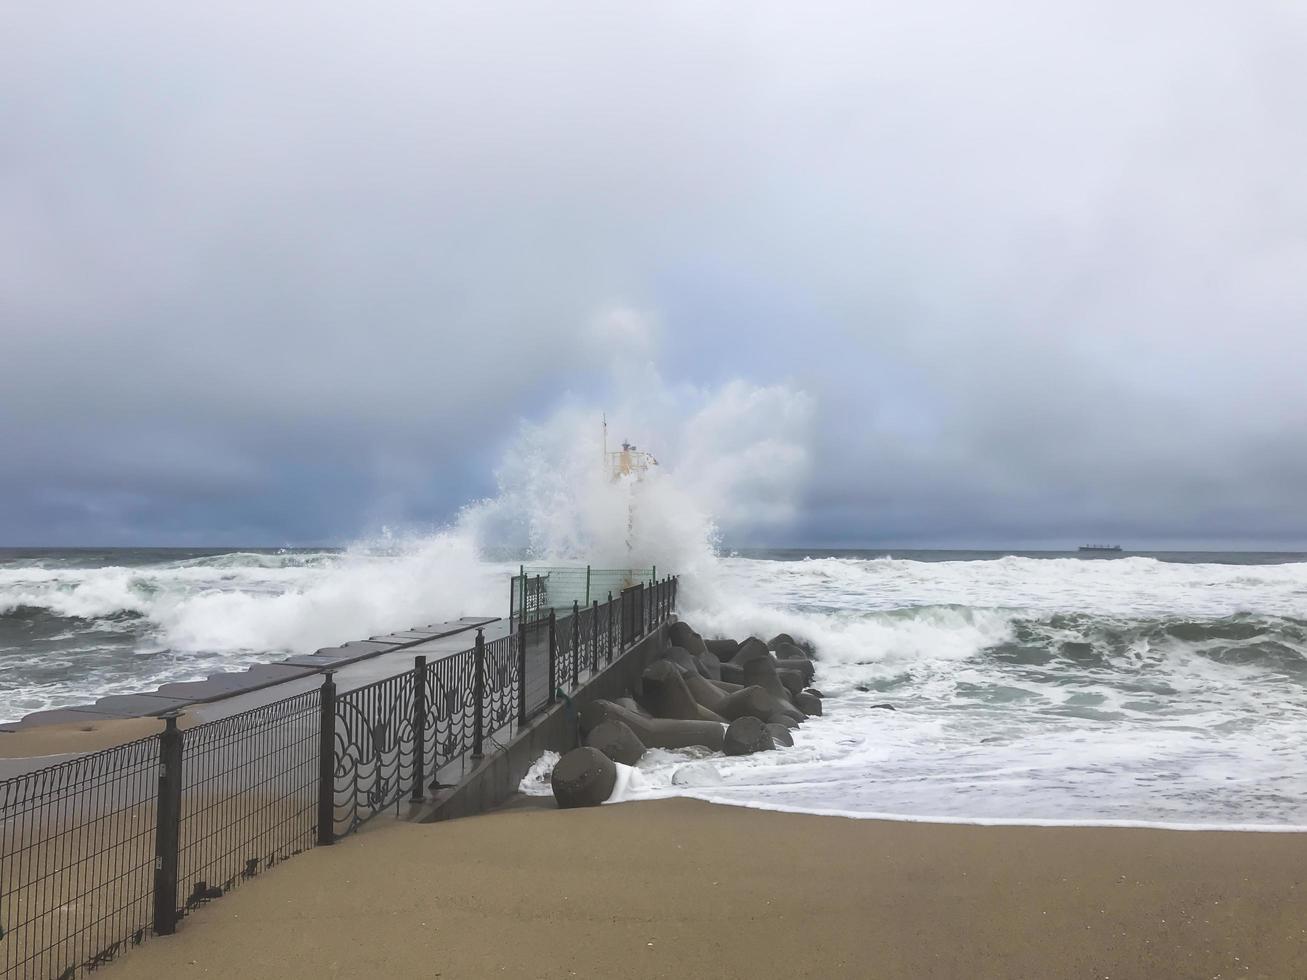 typhon en corée du sud. de grosses vagues se brisent sur le wash. plage de la ville de gangneung. photo